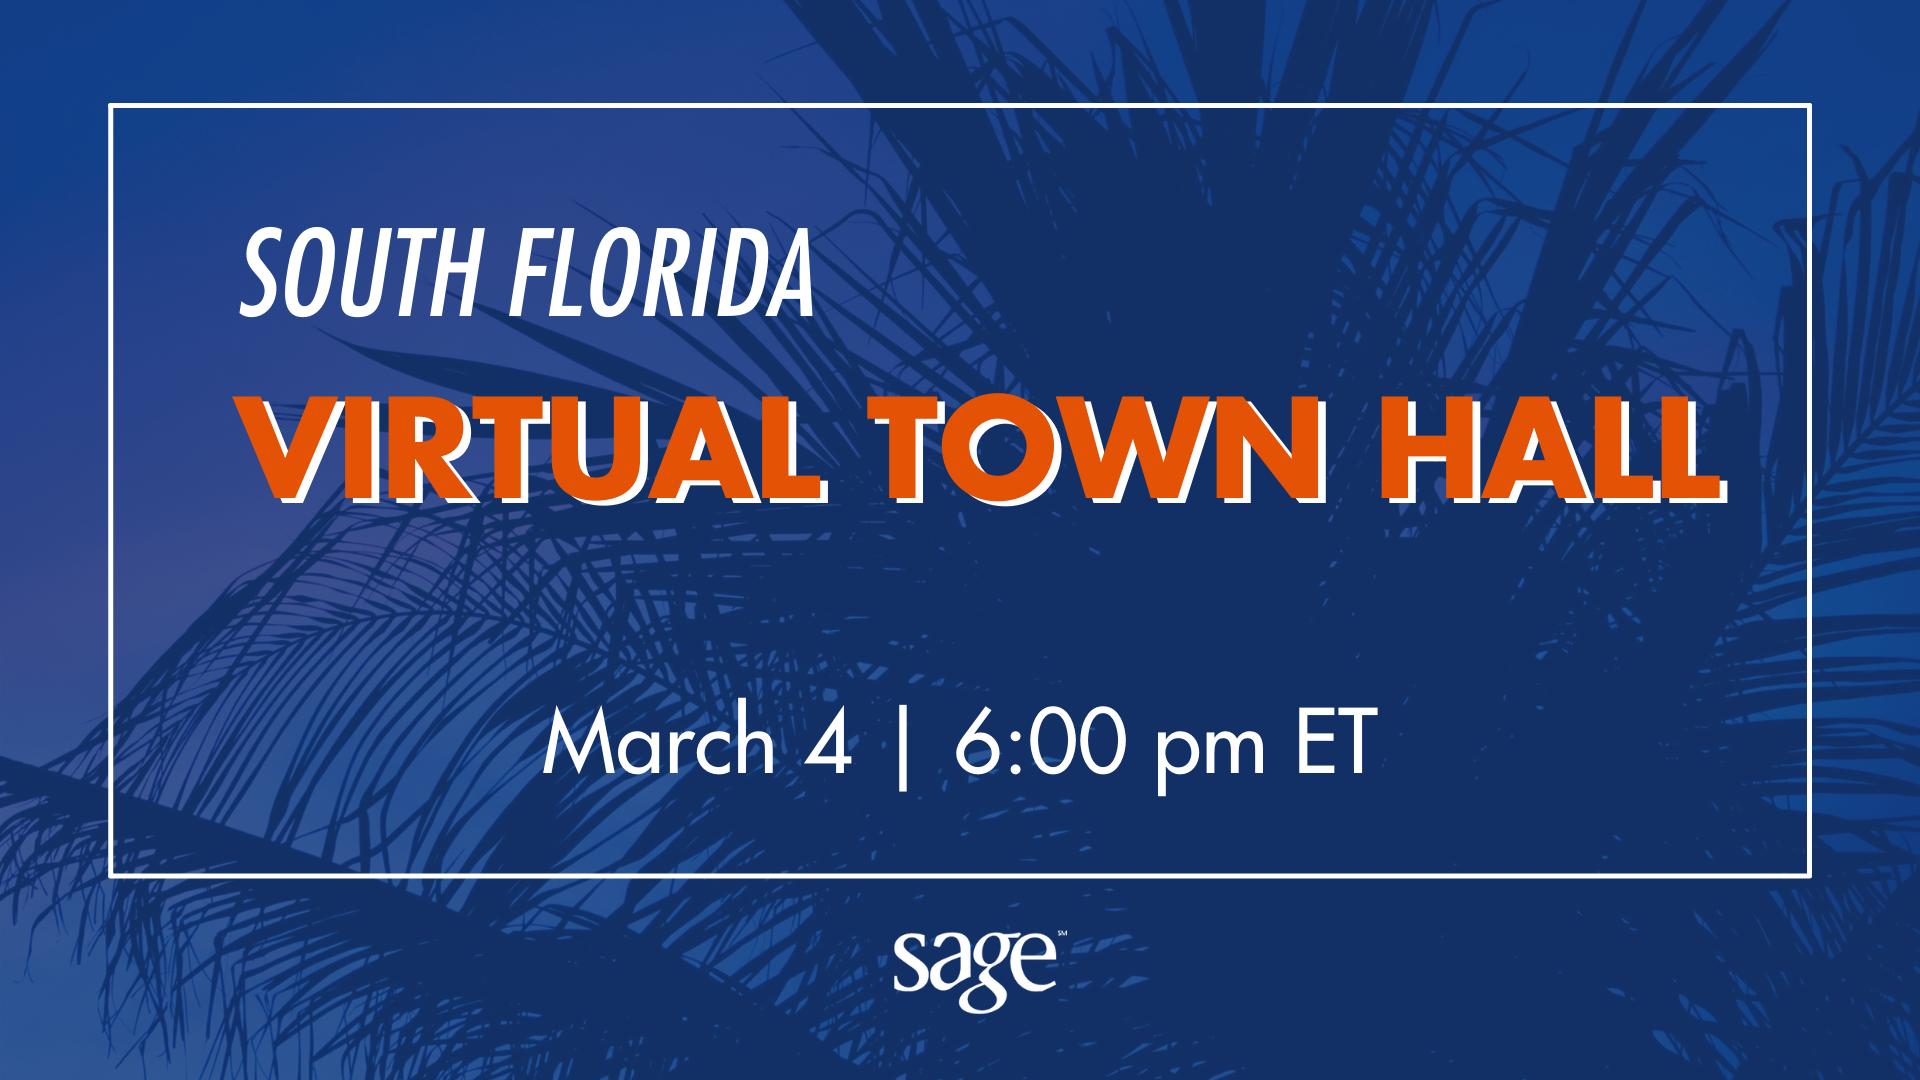 sage-south-florida-virtual-town-hall-2021